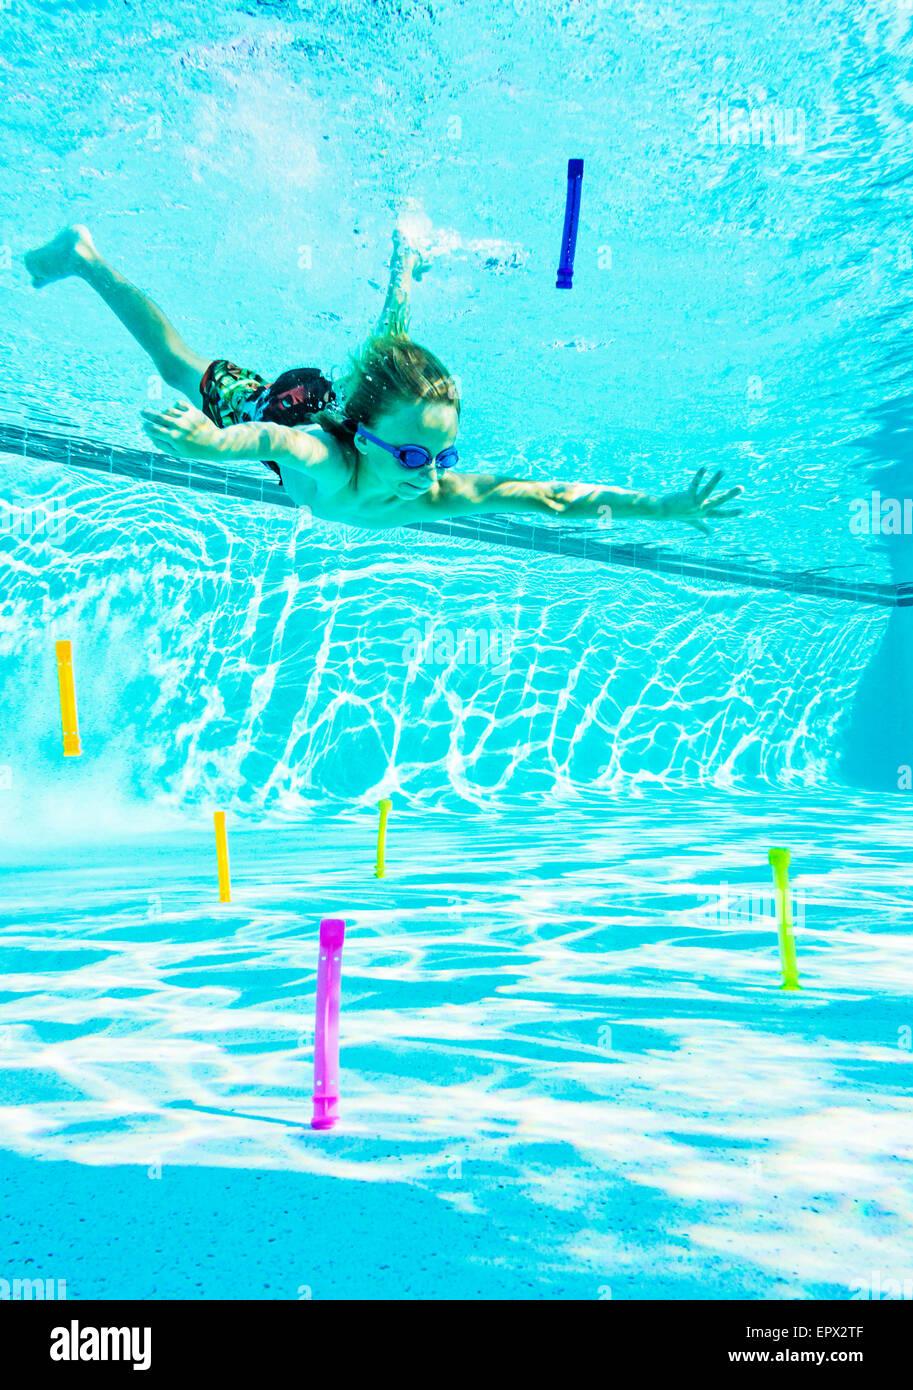 USA, Florida, Jupiter, Boy (8-9) swimming in pool Stock Photo